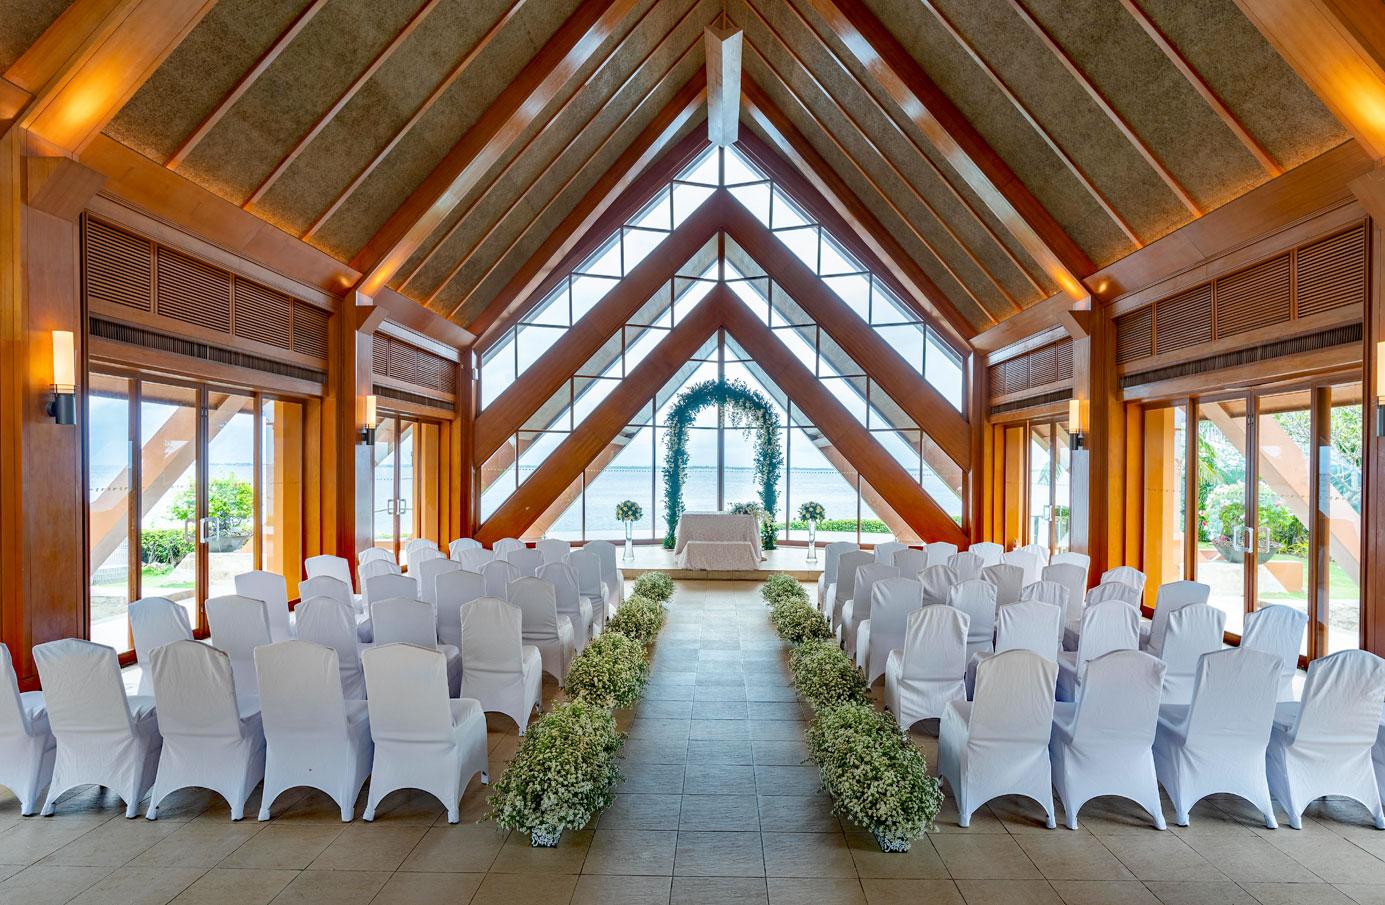 cebu-wedding-chapel-shangrila (3)